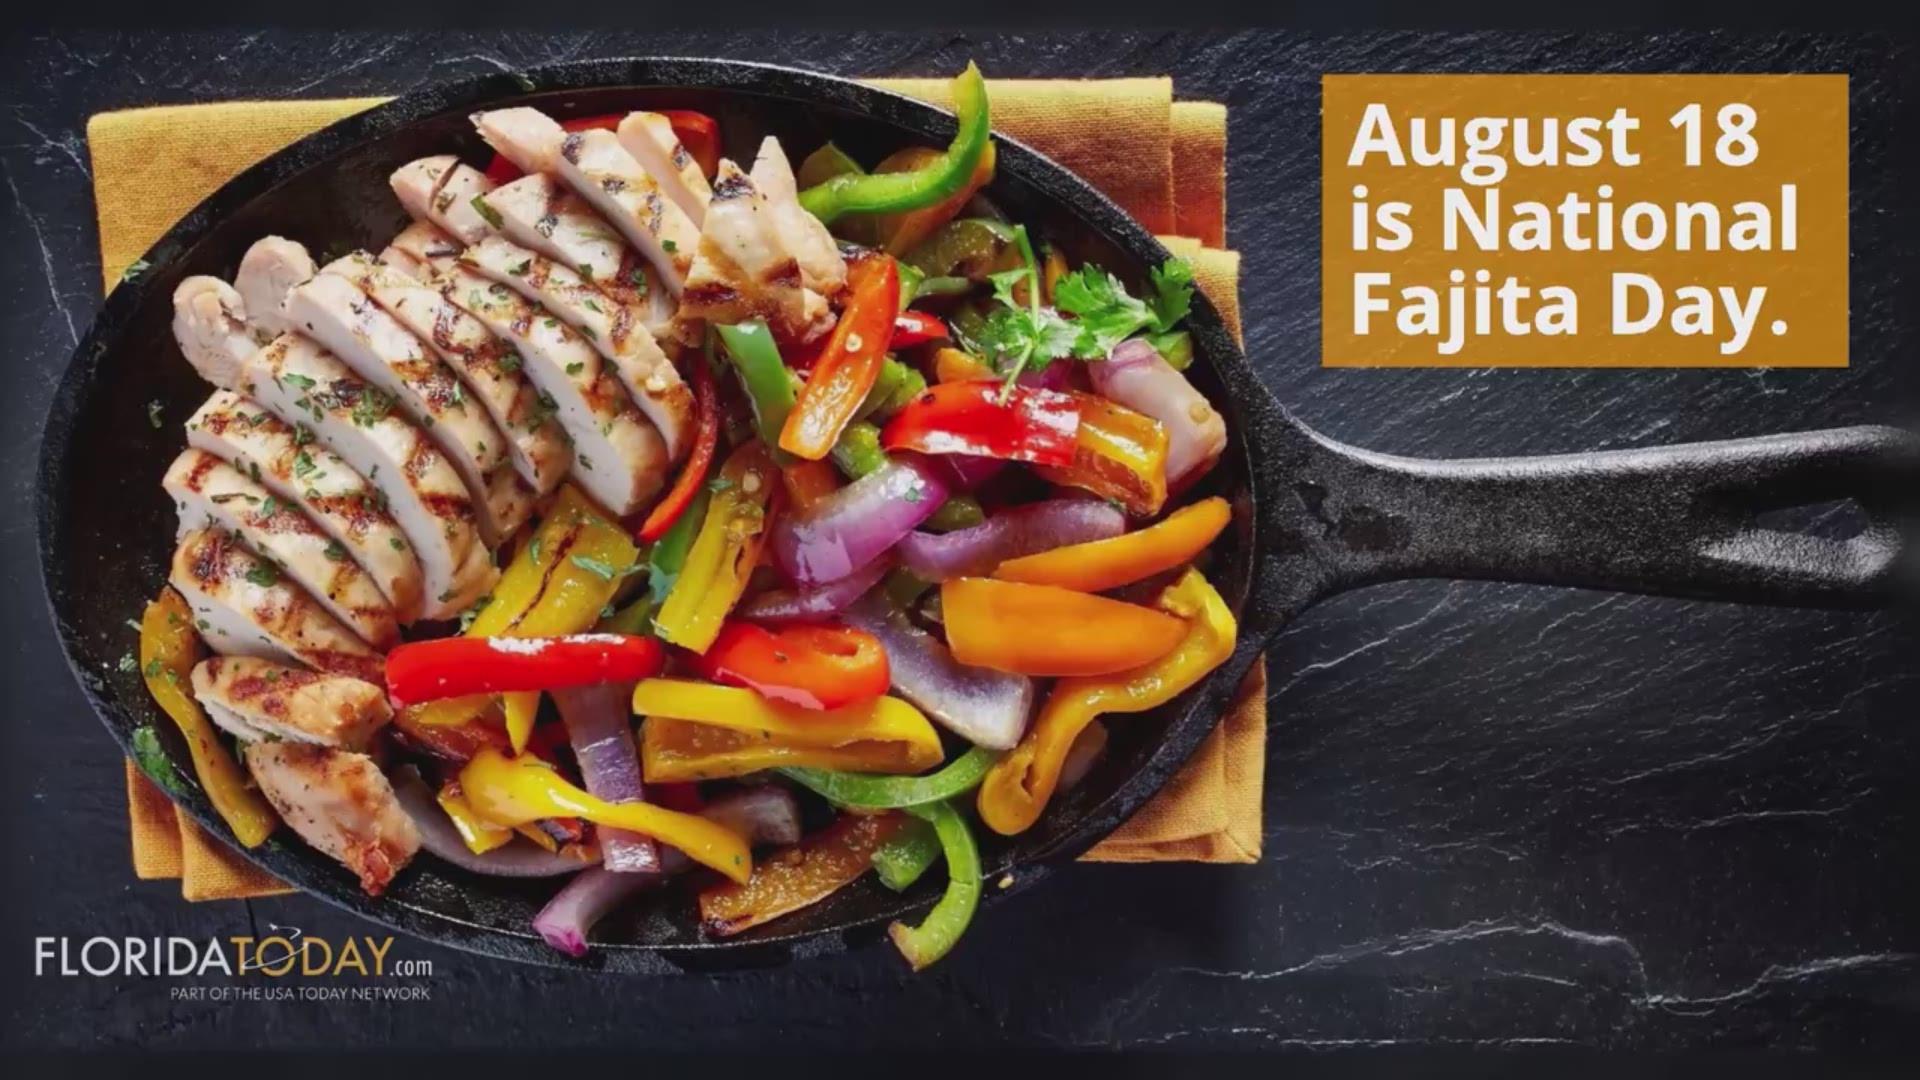 Aug 18 National Fajita Day abc10com 1920x1080